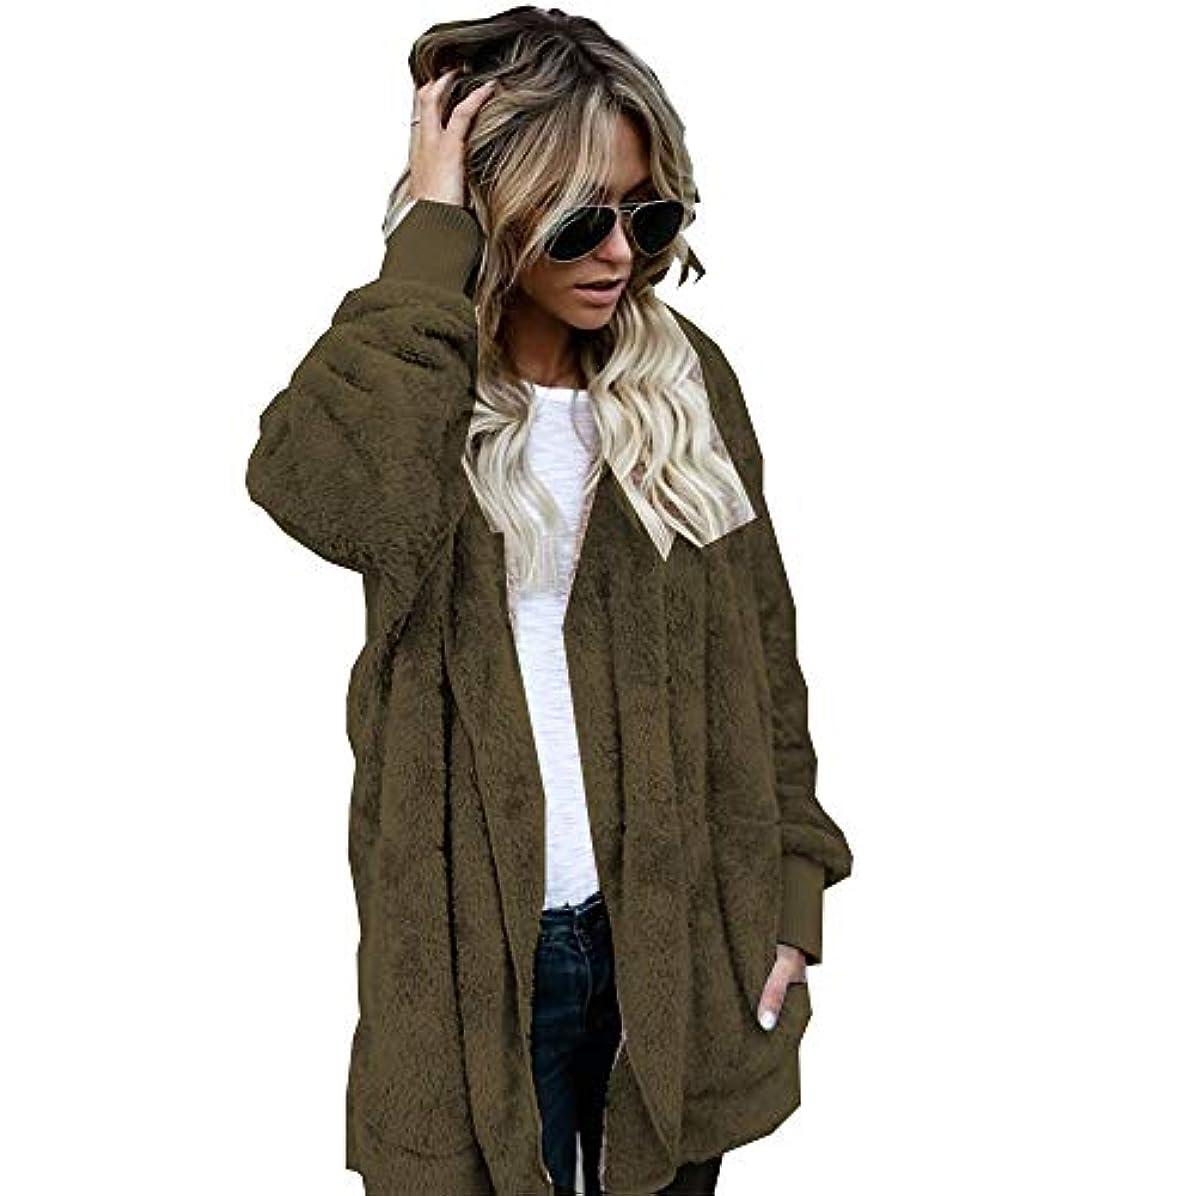 カートン玉ねぎ引き出しMIFAN 長袖パーカー、冬のコート、女性のコート、女性の緩い厚く暖かいフェイクファーフード付きカーディガン